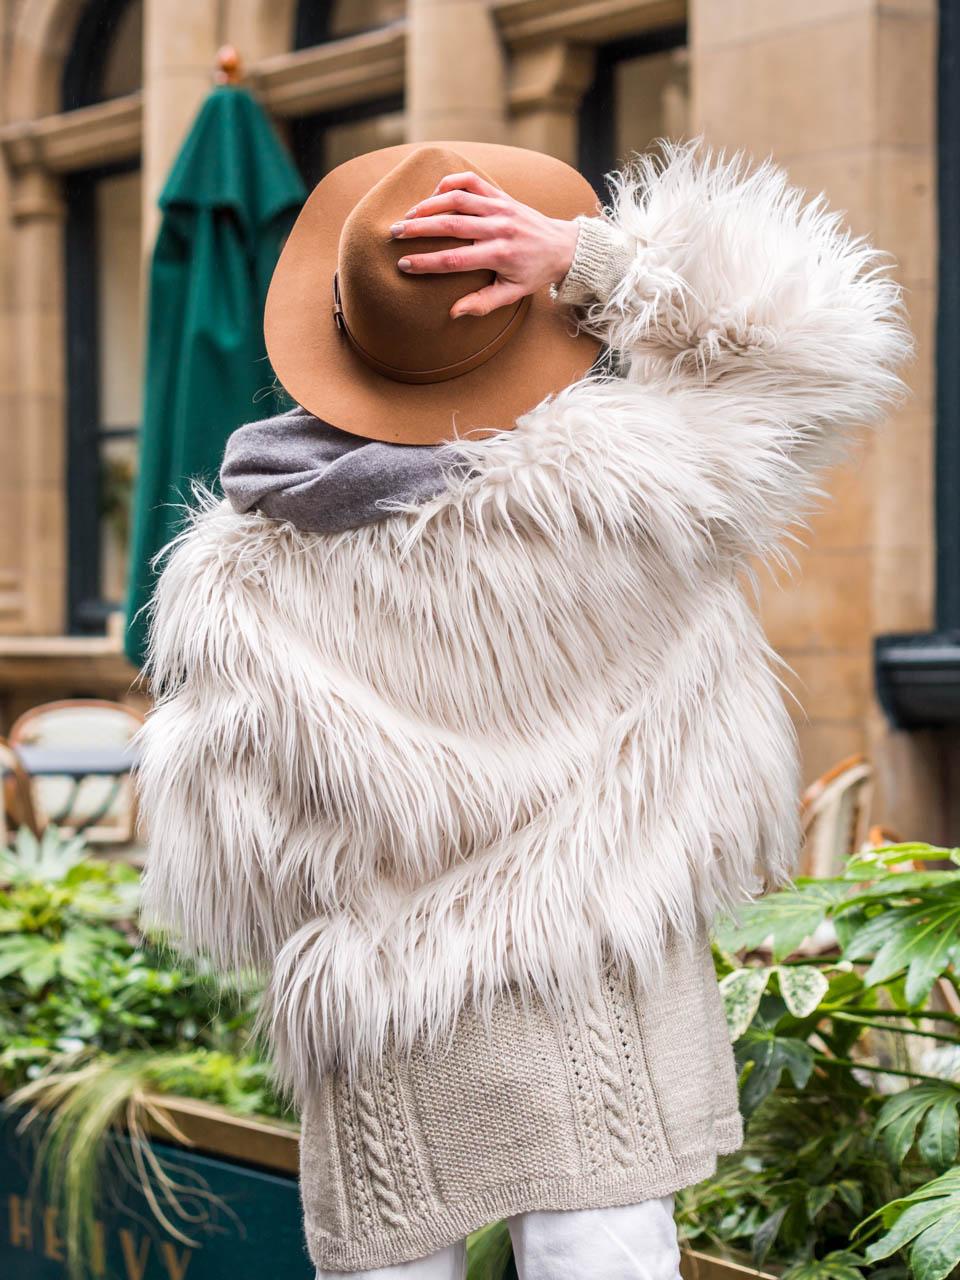 Autumn fashion inspiration, neutral tones - Syysmuoti-inspiraatio, neutraalit sävyt